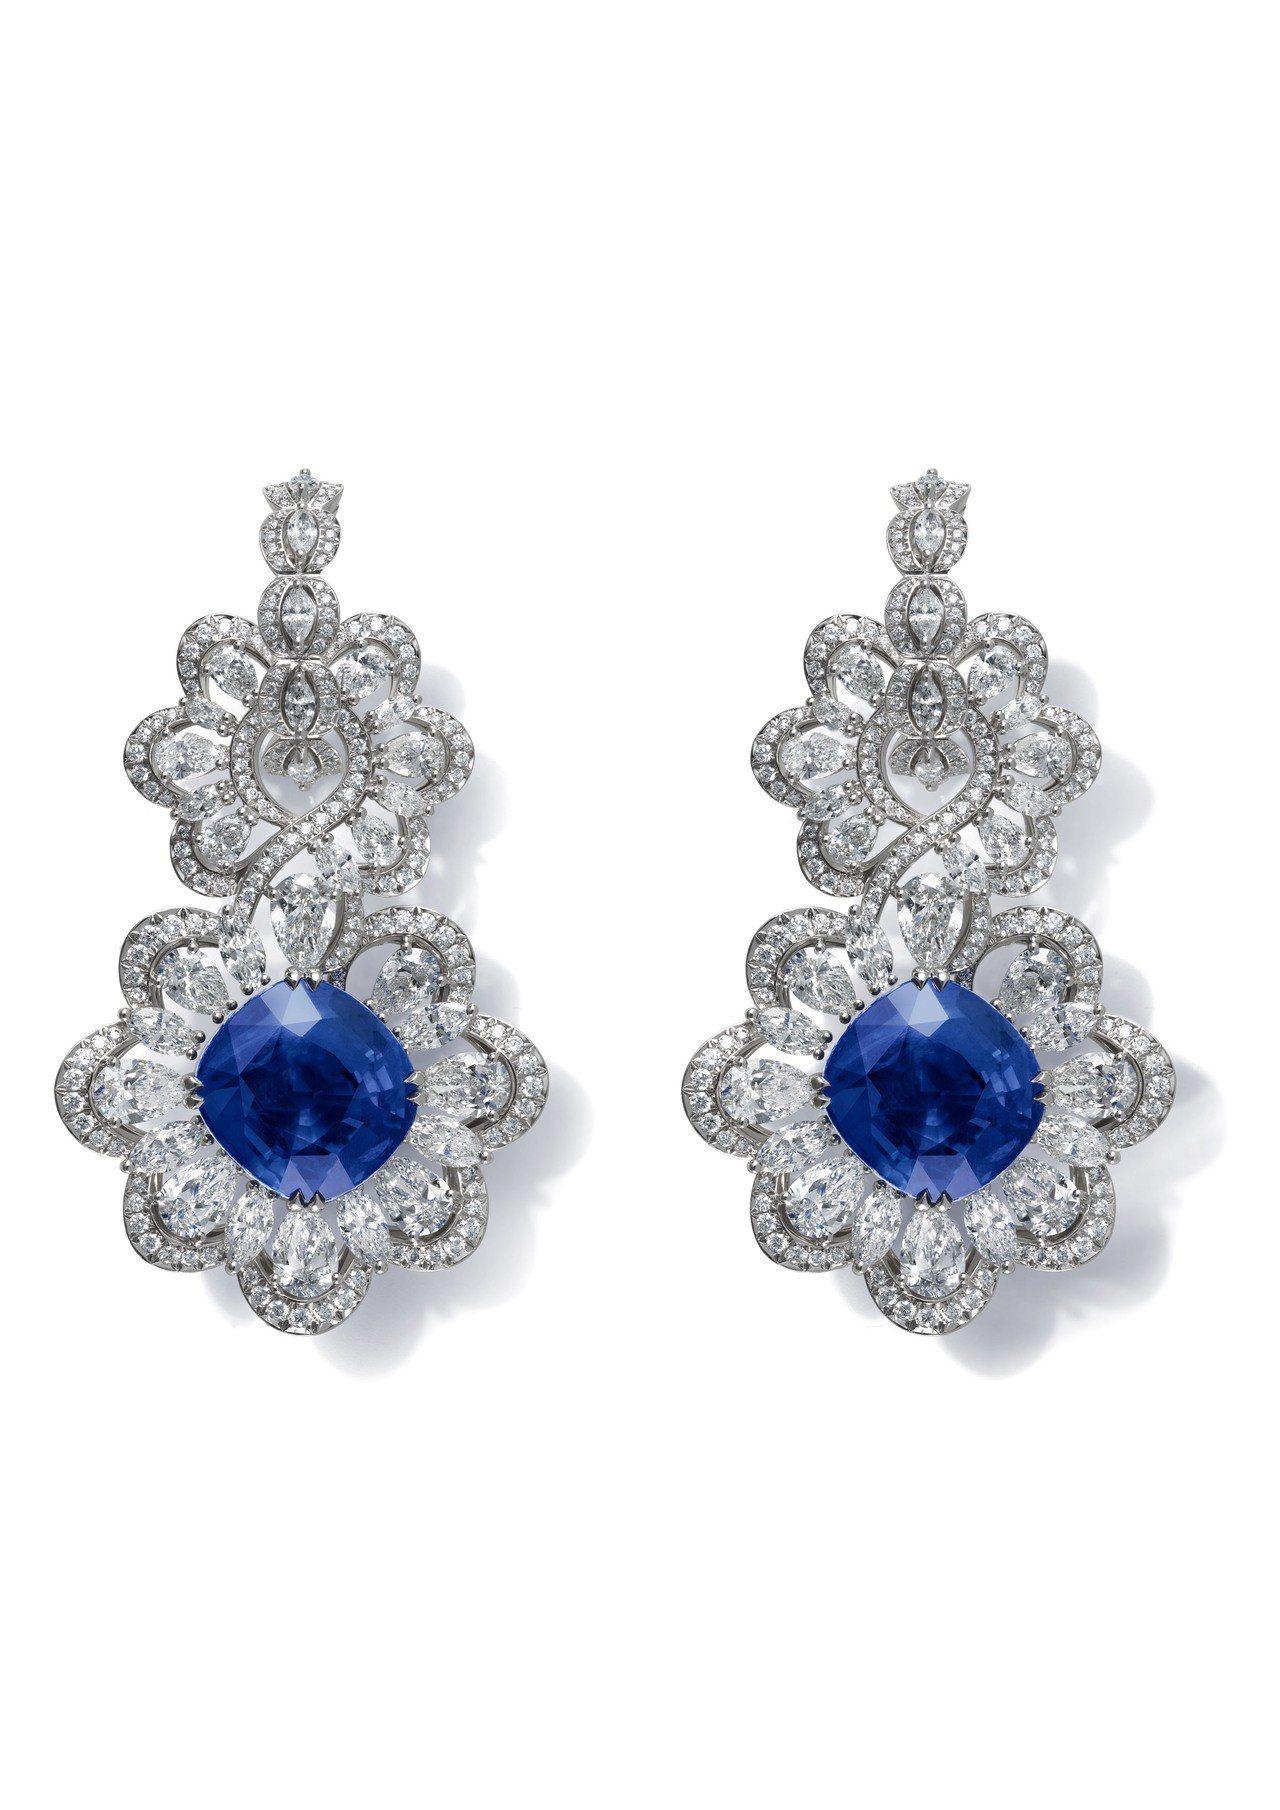 蕭邦Precious Lace 系列耳環,18K白金鑲嵌兩顆枕型切割31.9克拉...